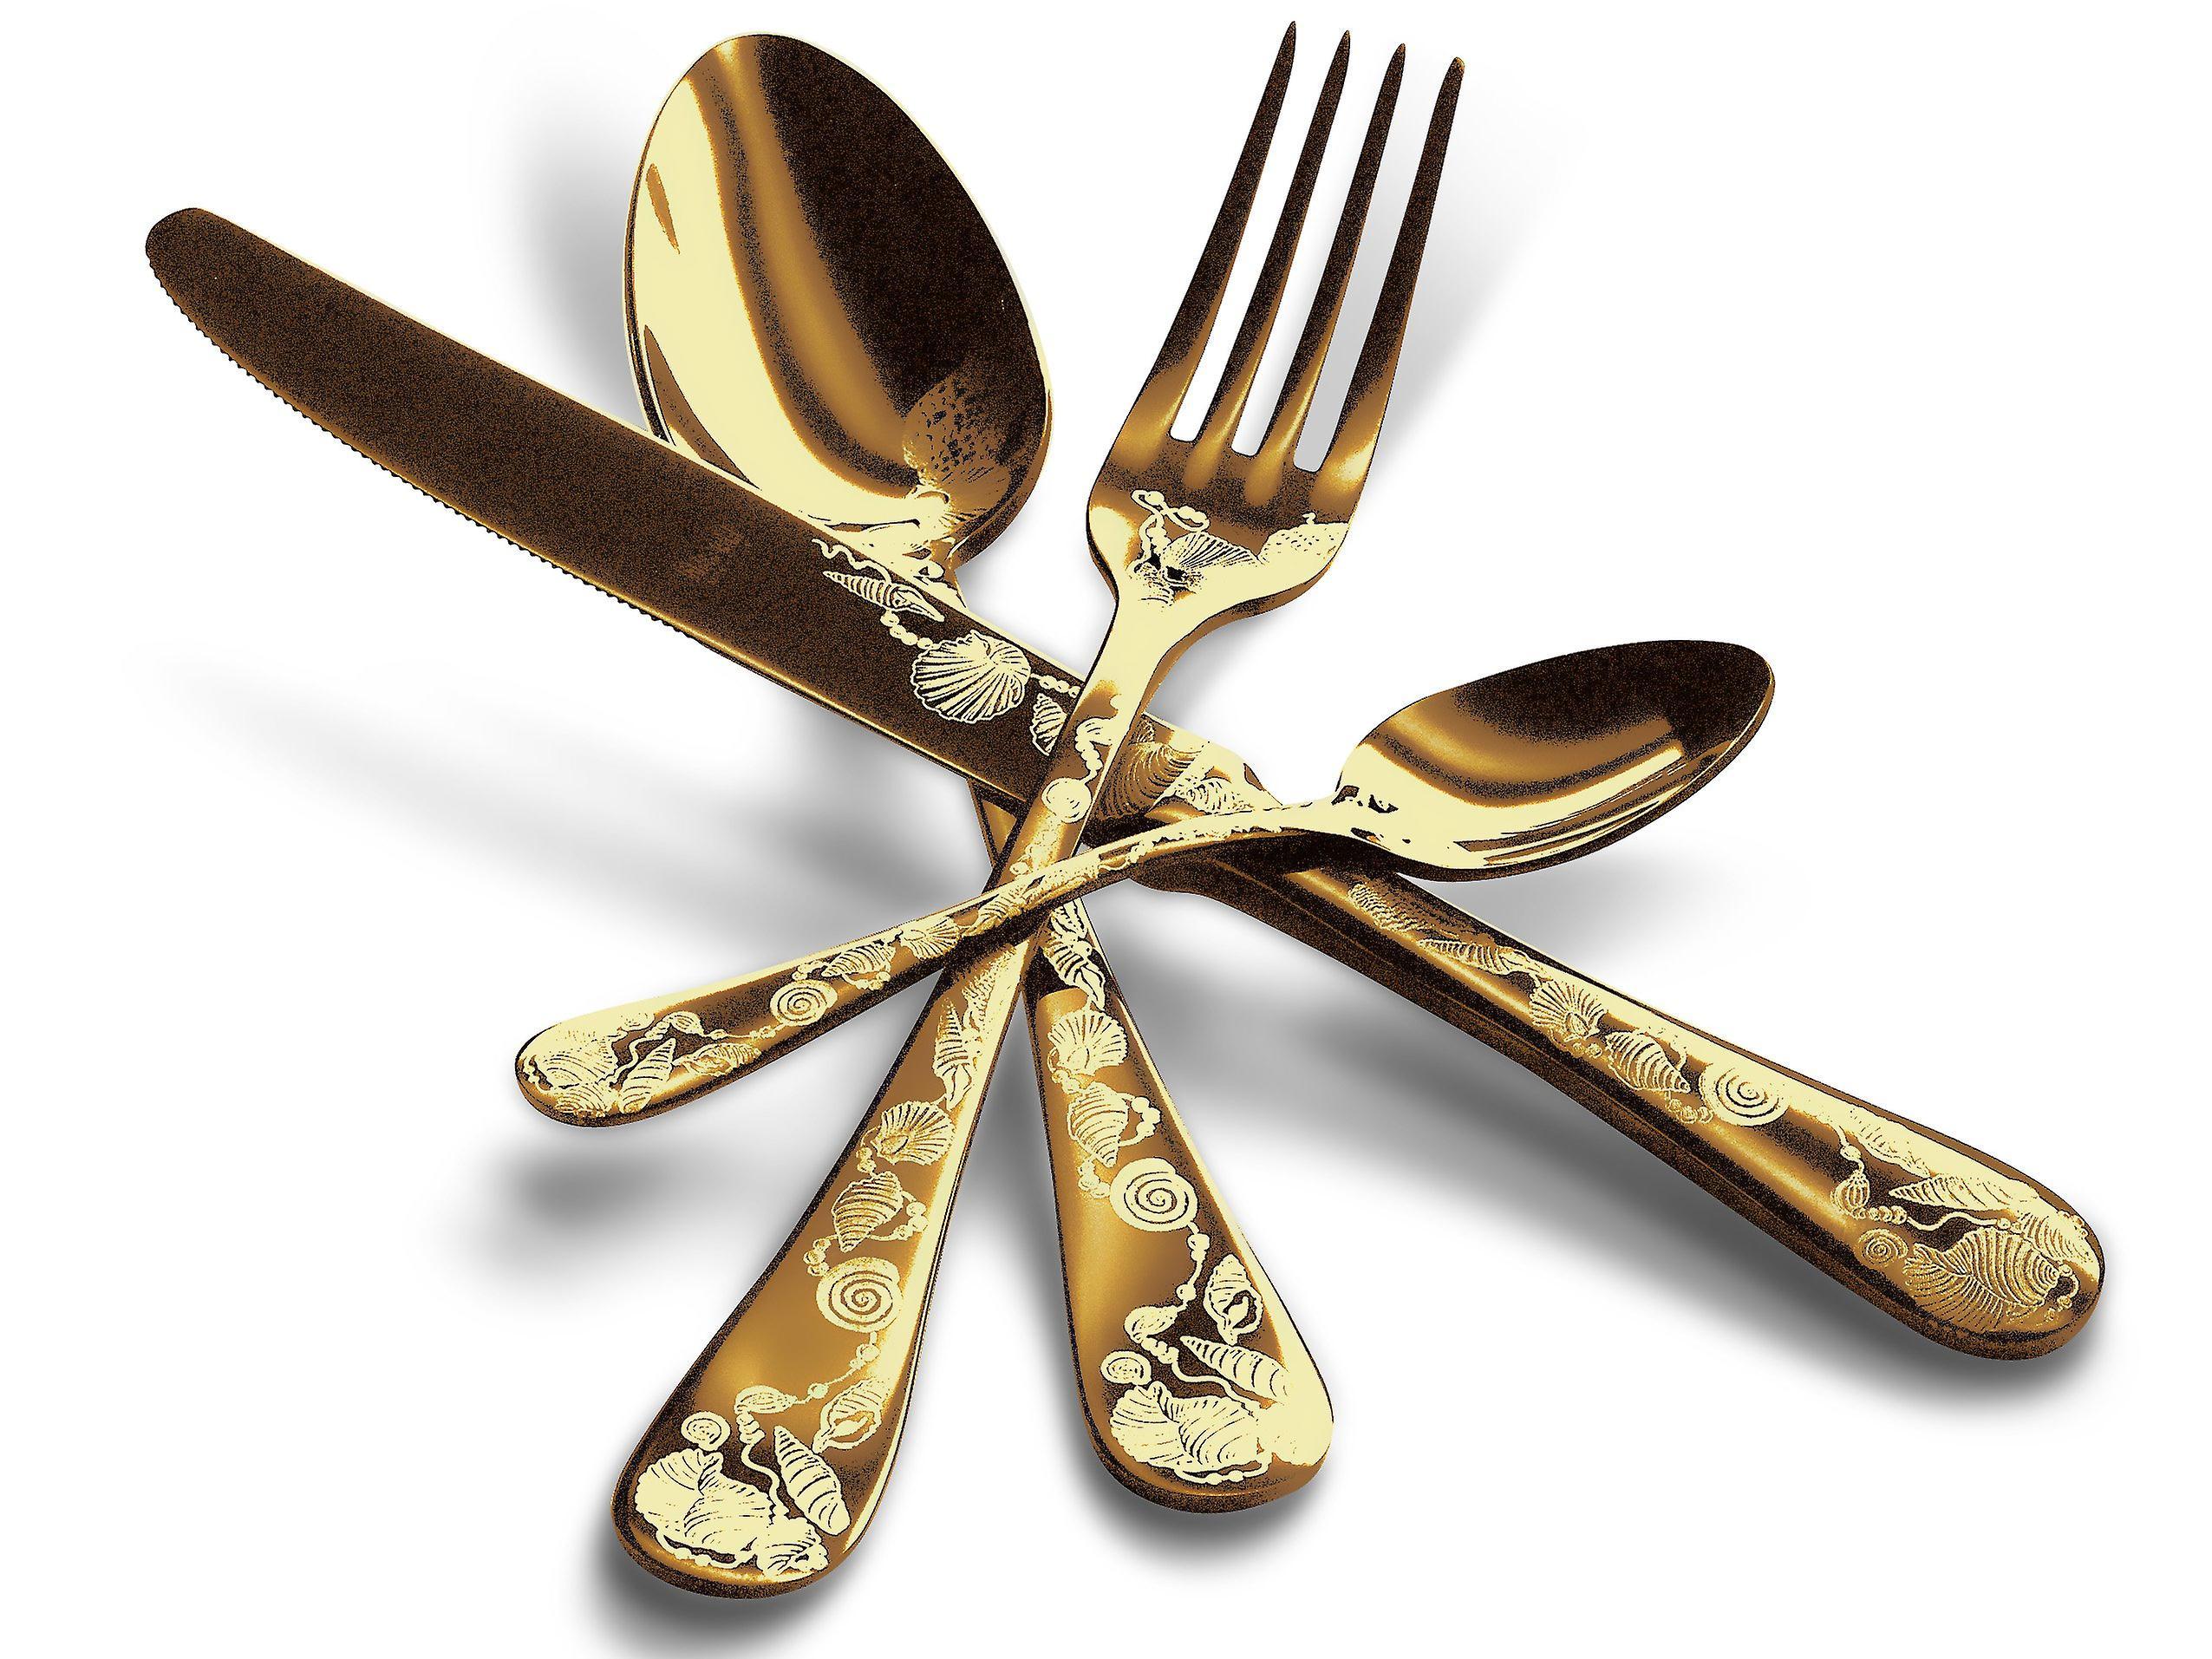 Mepra Venere Oro 4 pcs flatware set